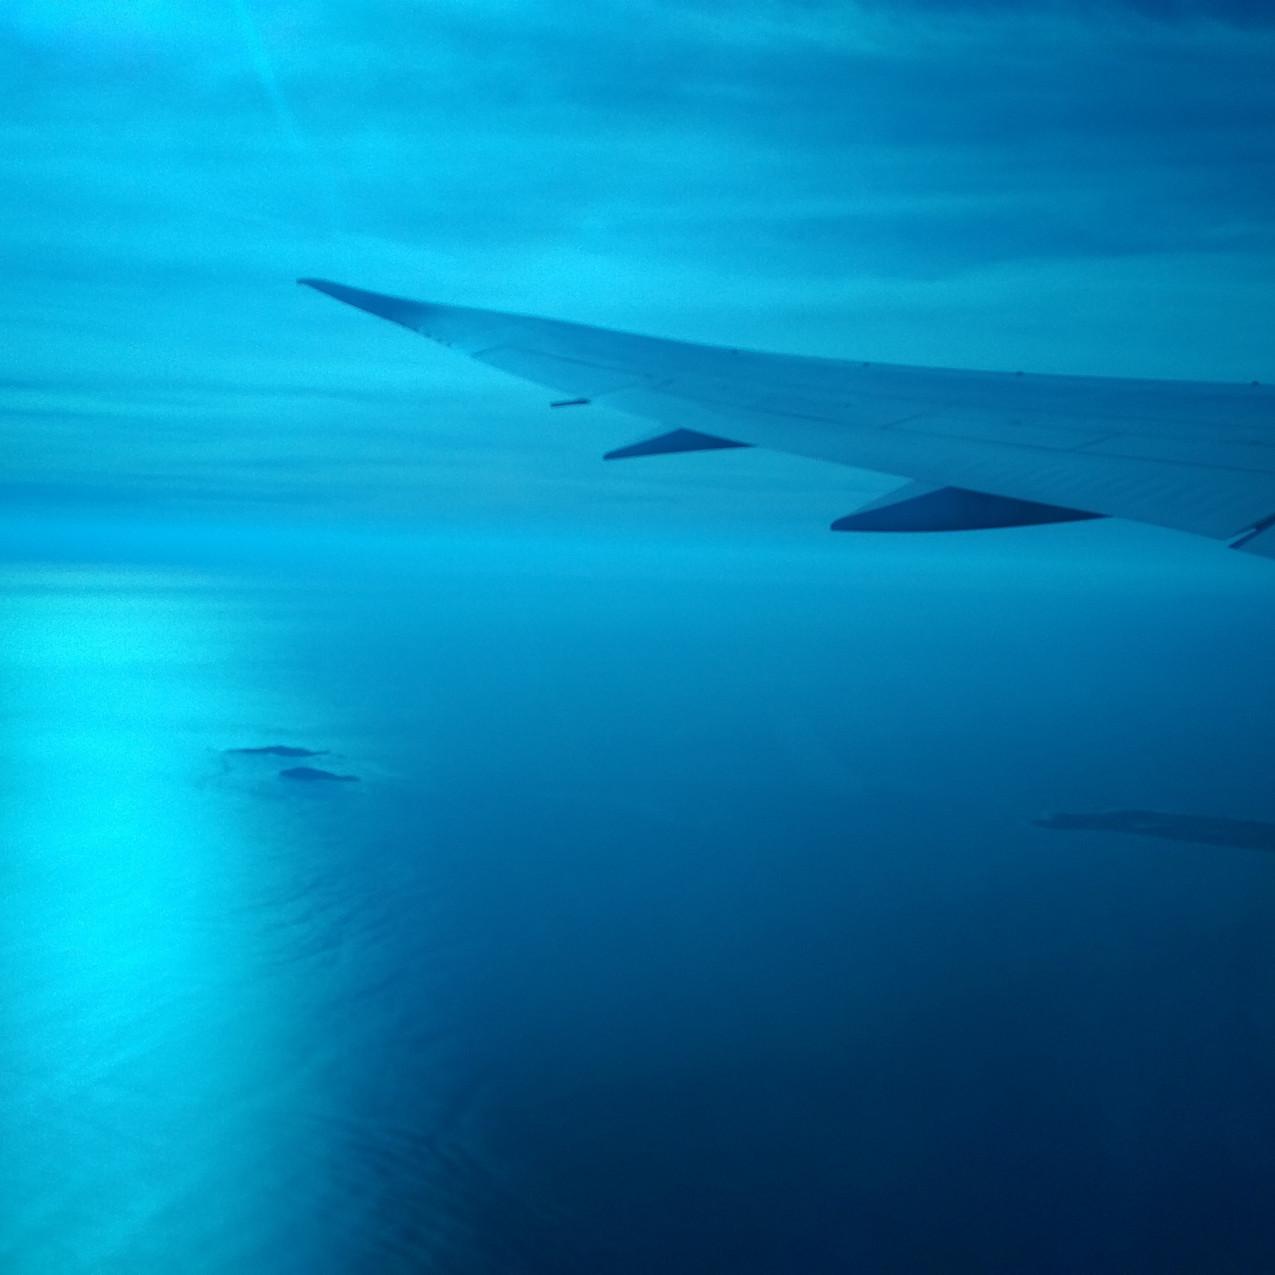 Boeing 787 Dreamliner window dark tint